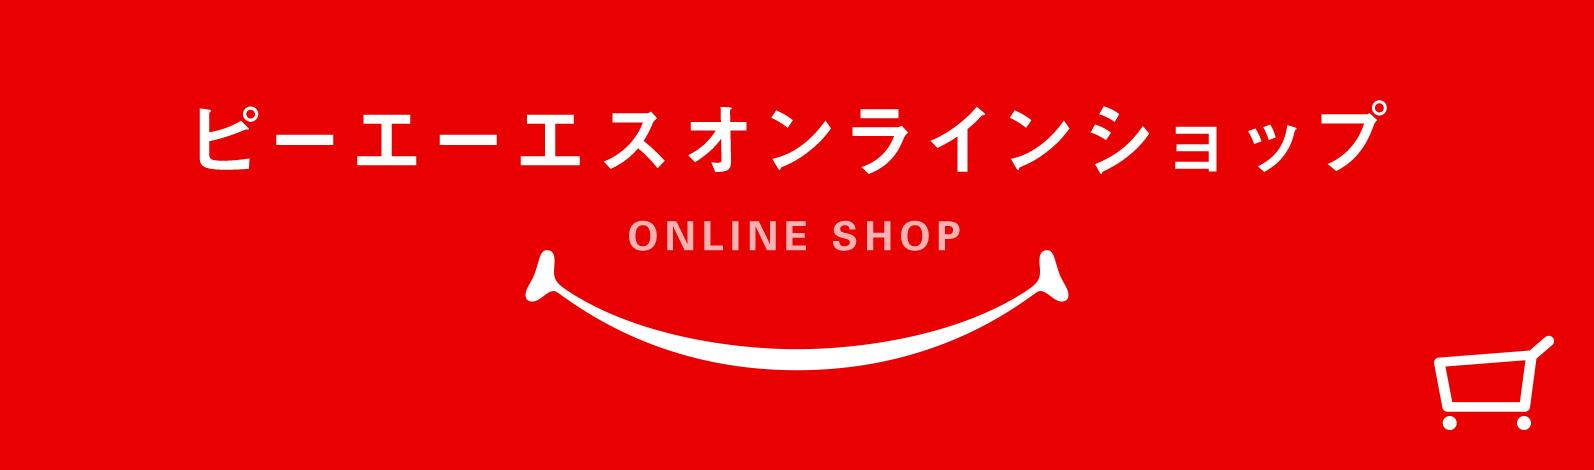 pas shop